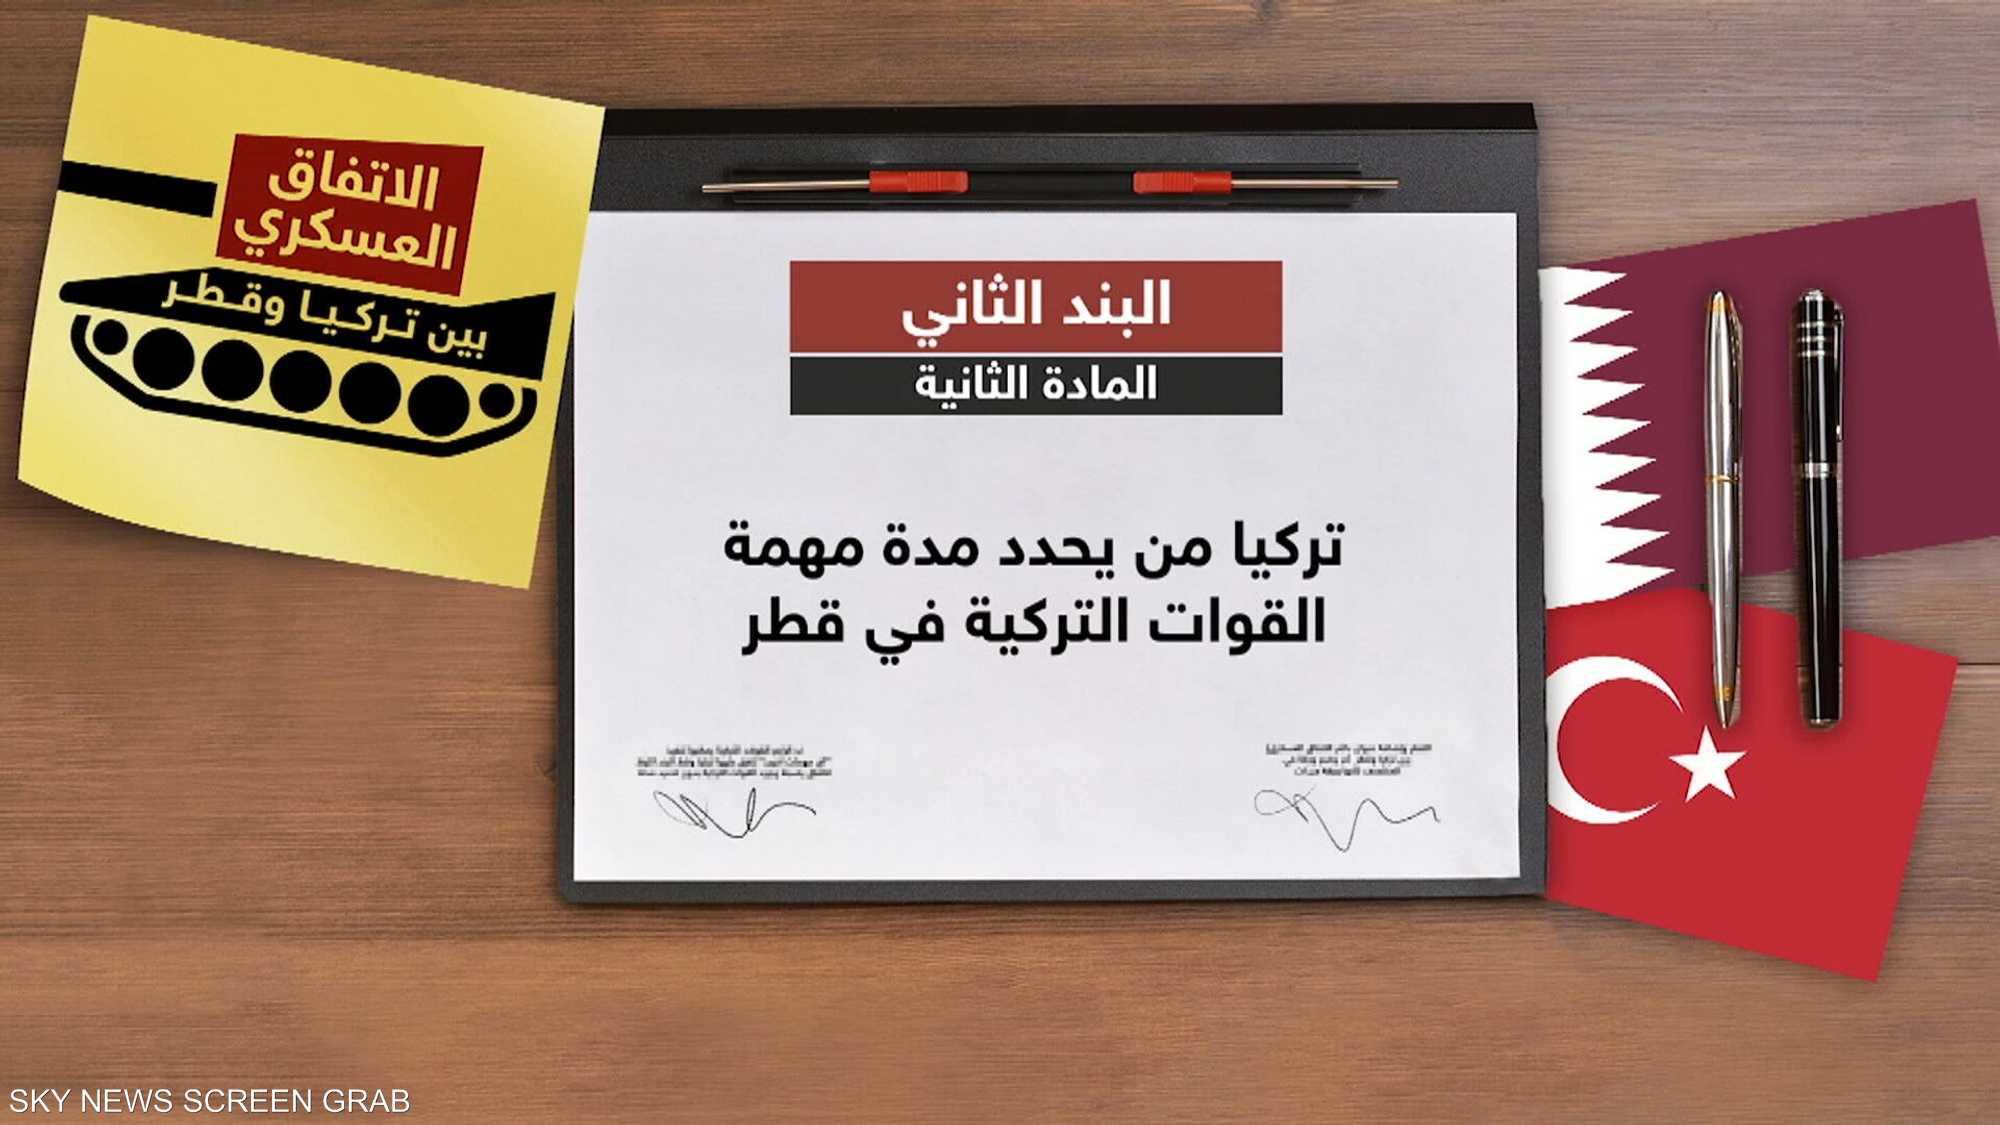 تدشين قاعدة عسكرية تركية جديدة في الدوحة الخريف المقبل